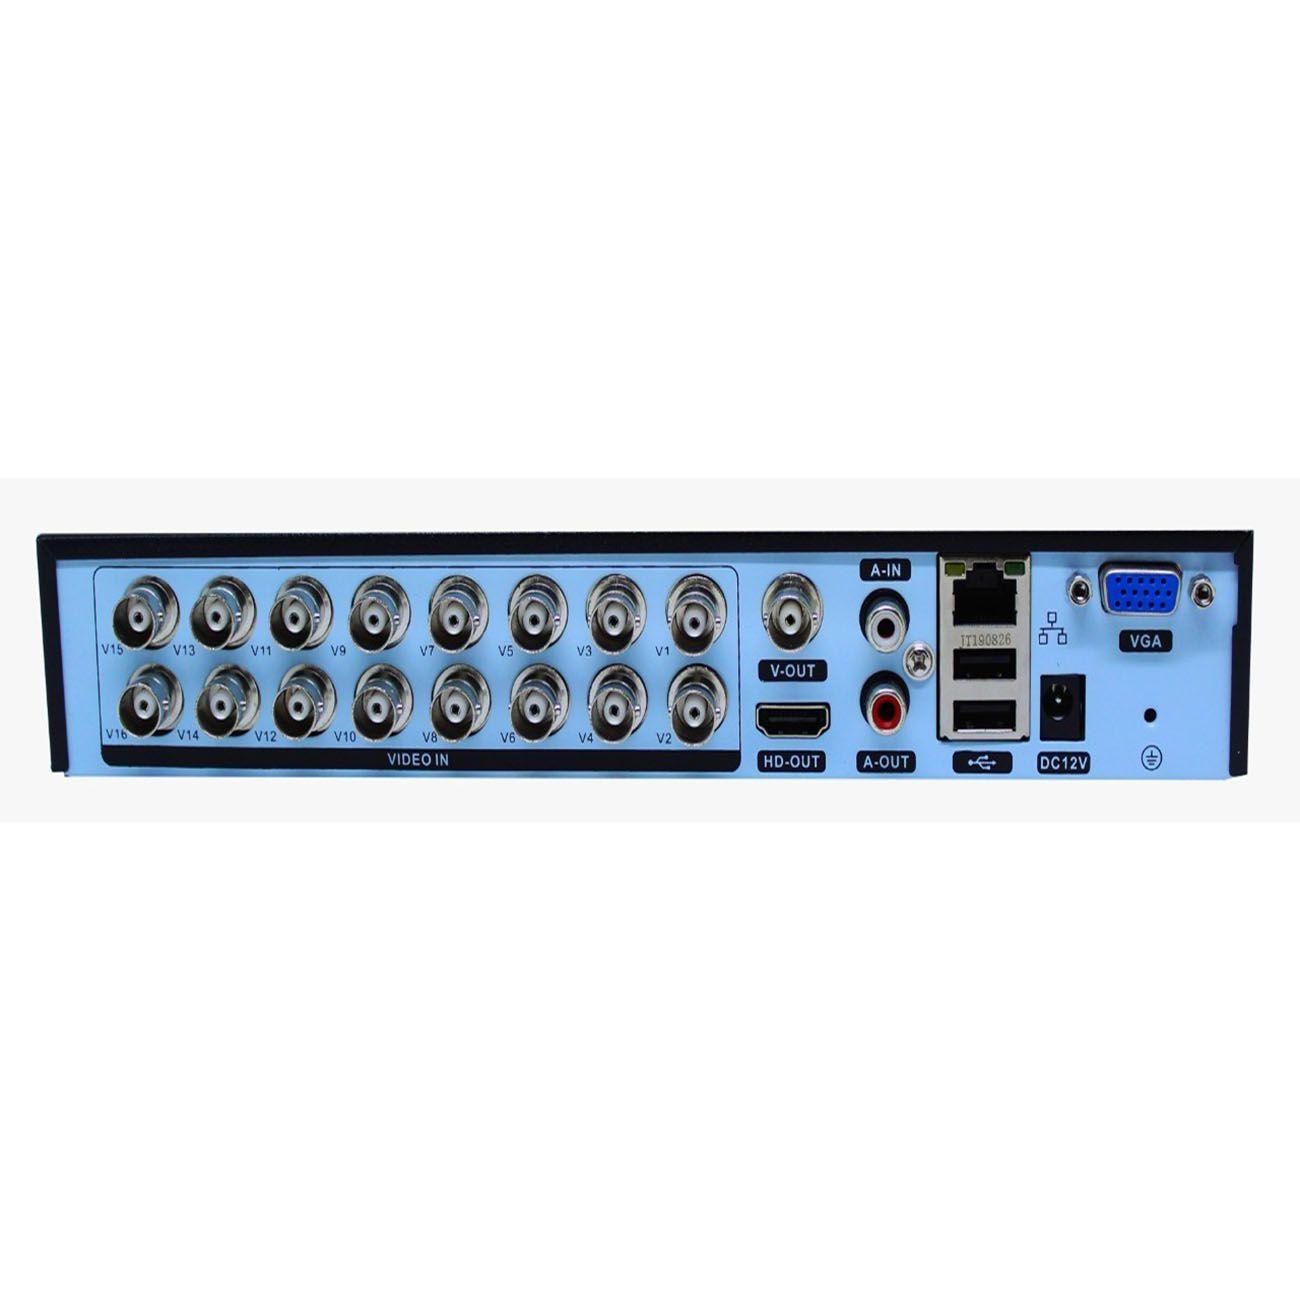 DVR Stand Alone 16 canais FULL HD 1080p Pentaflex 5 em 1